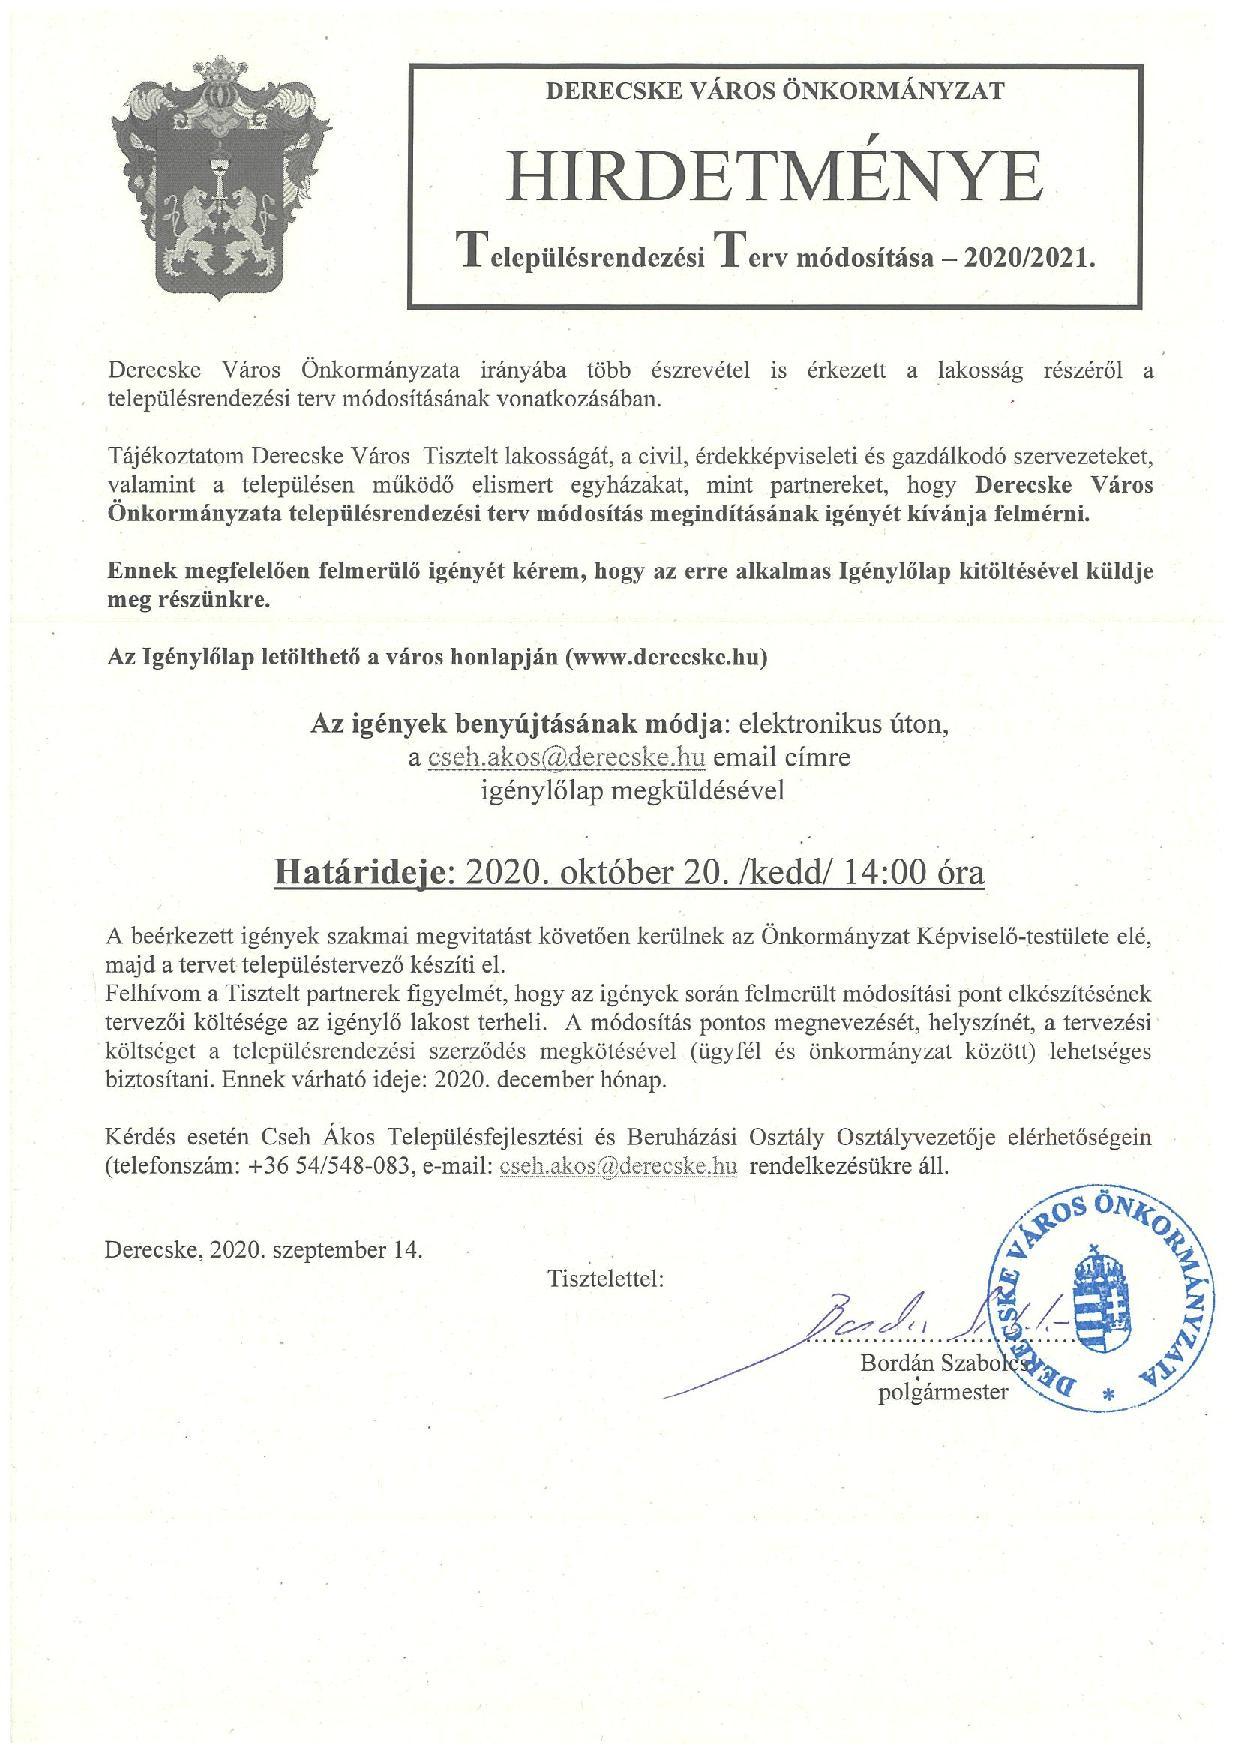 Településrendezési terv módosítása 2020/2021.